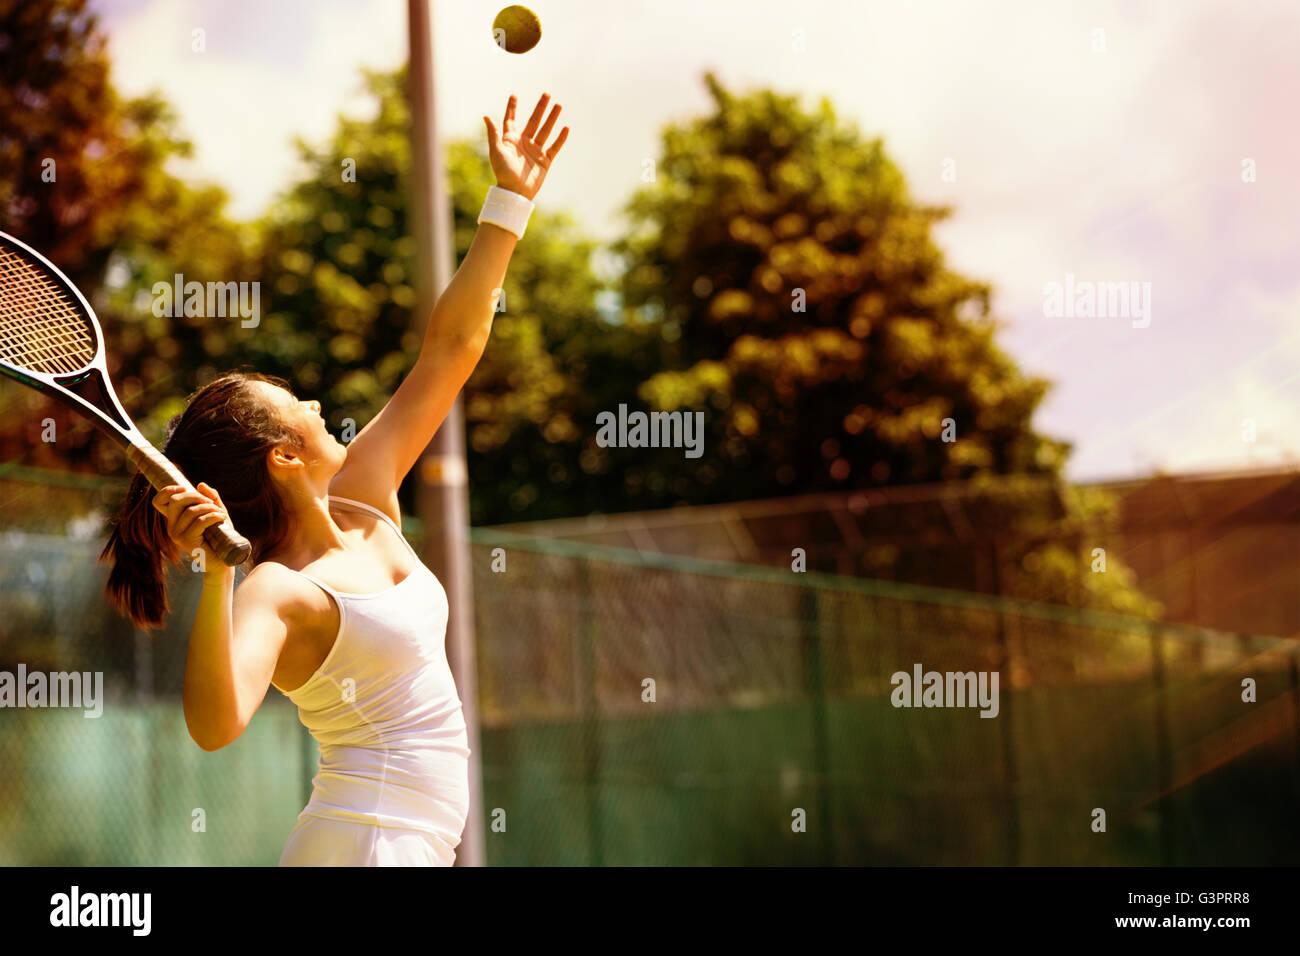 Vue arrière du joueur de tennis au service Photo Stock